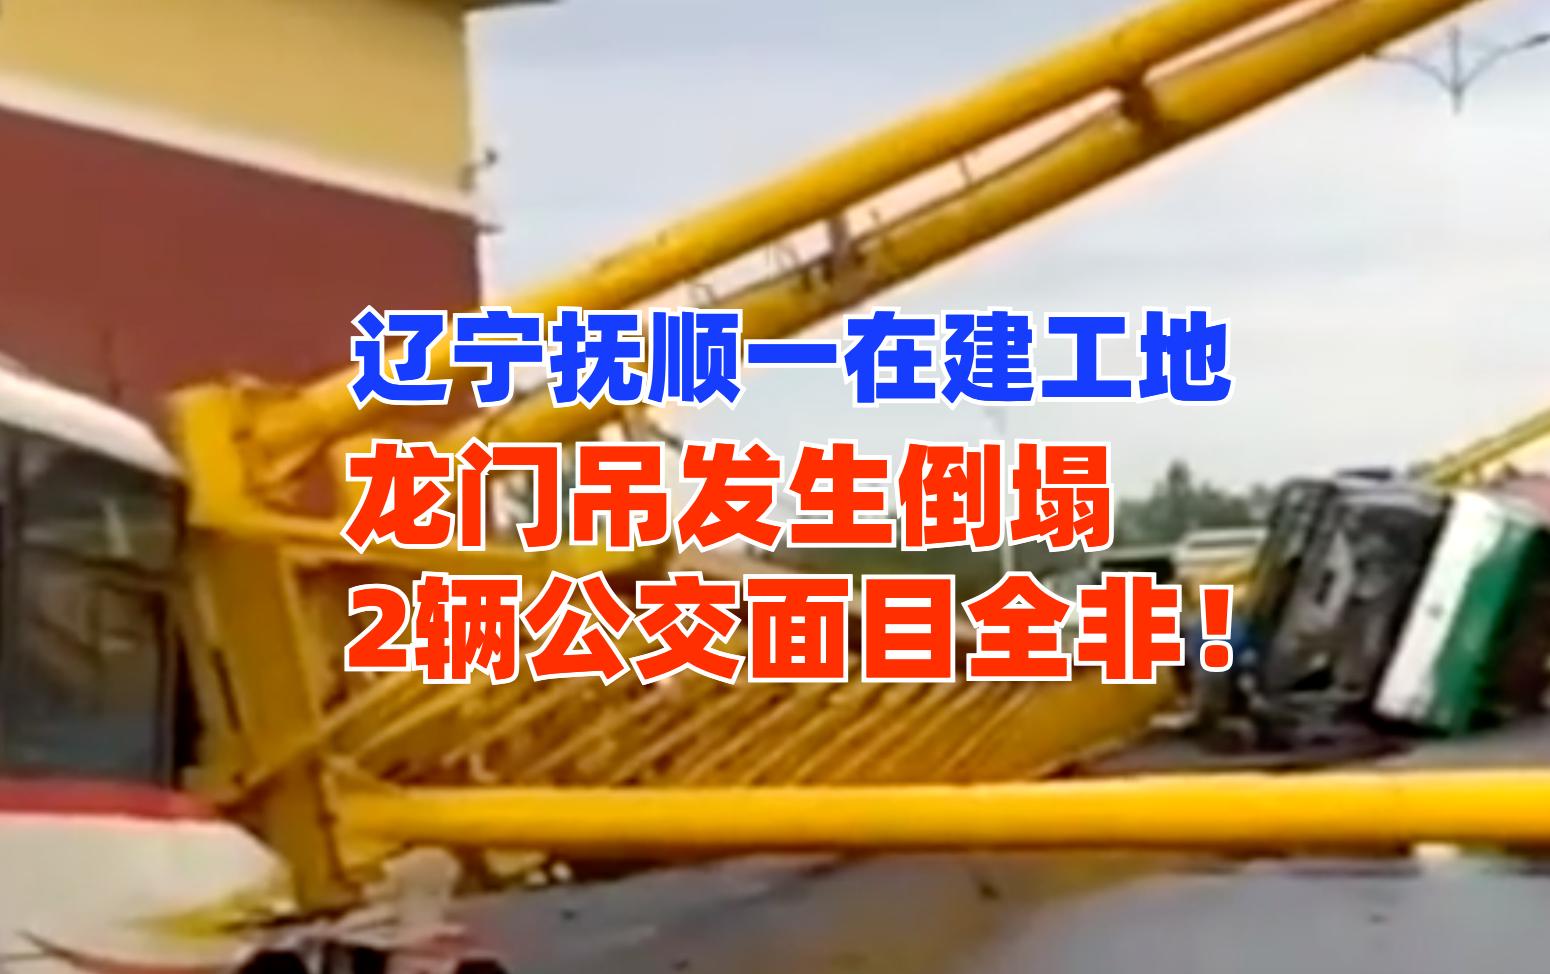 辽宁抚顺一在建工地龙门吊倒塌砸瘪2台公交车!累计损失超百万!